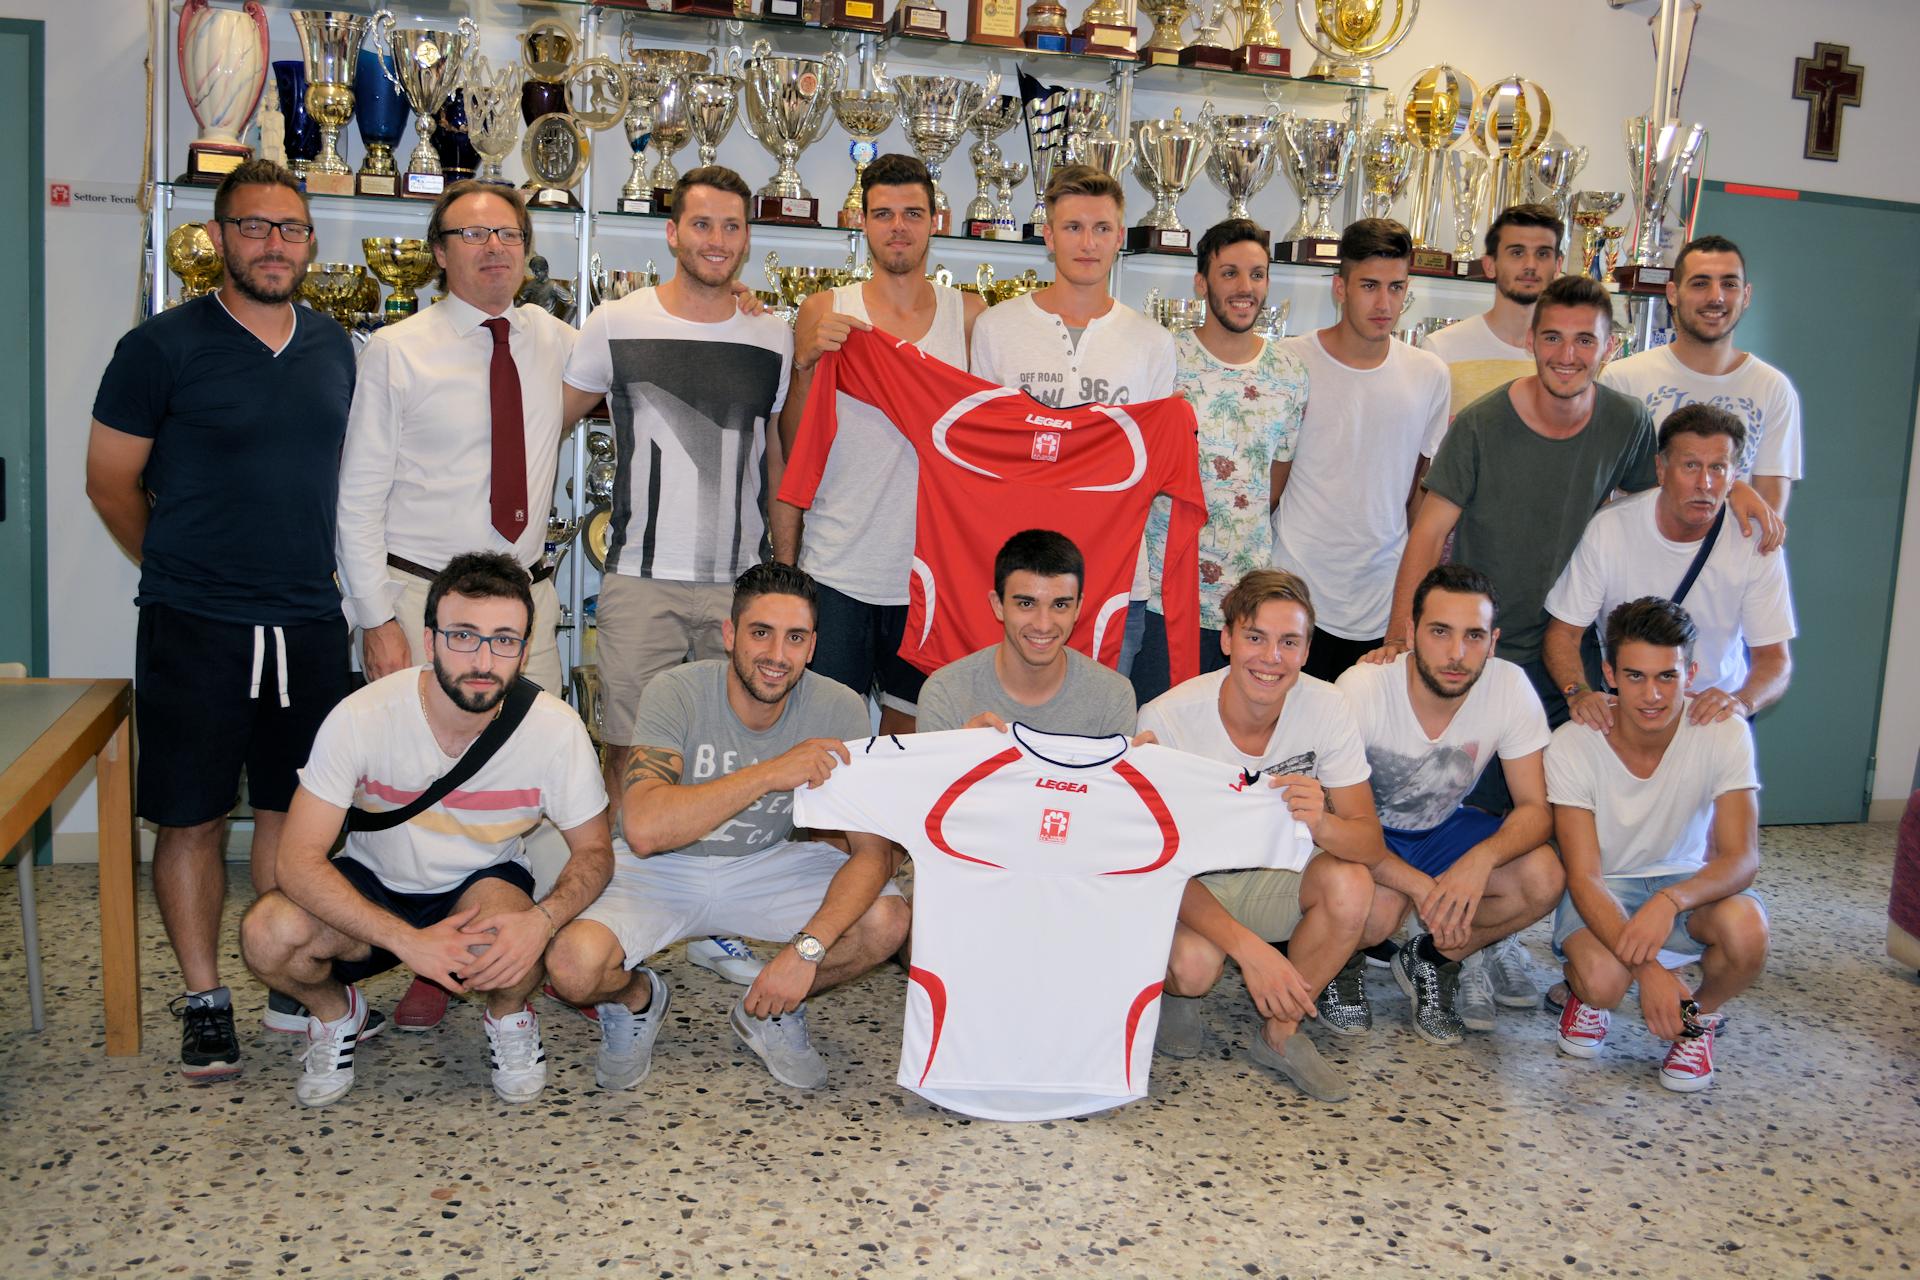 Presentata la Prima Squadra per la stagione 2015/2016